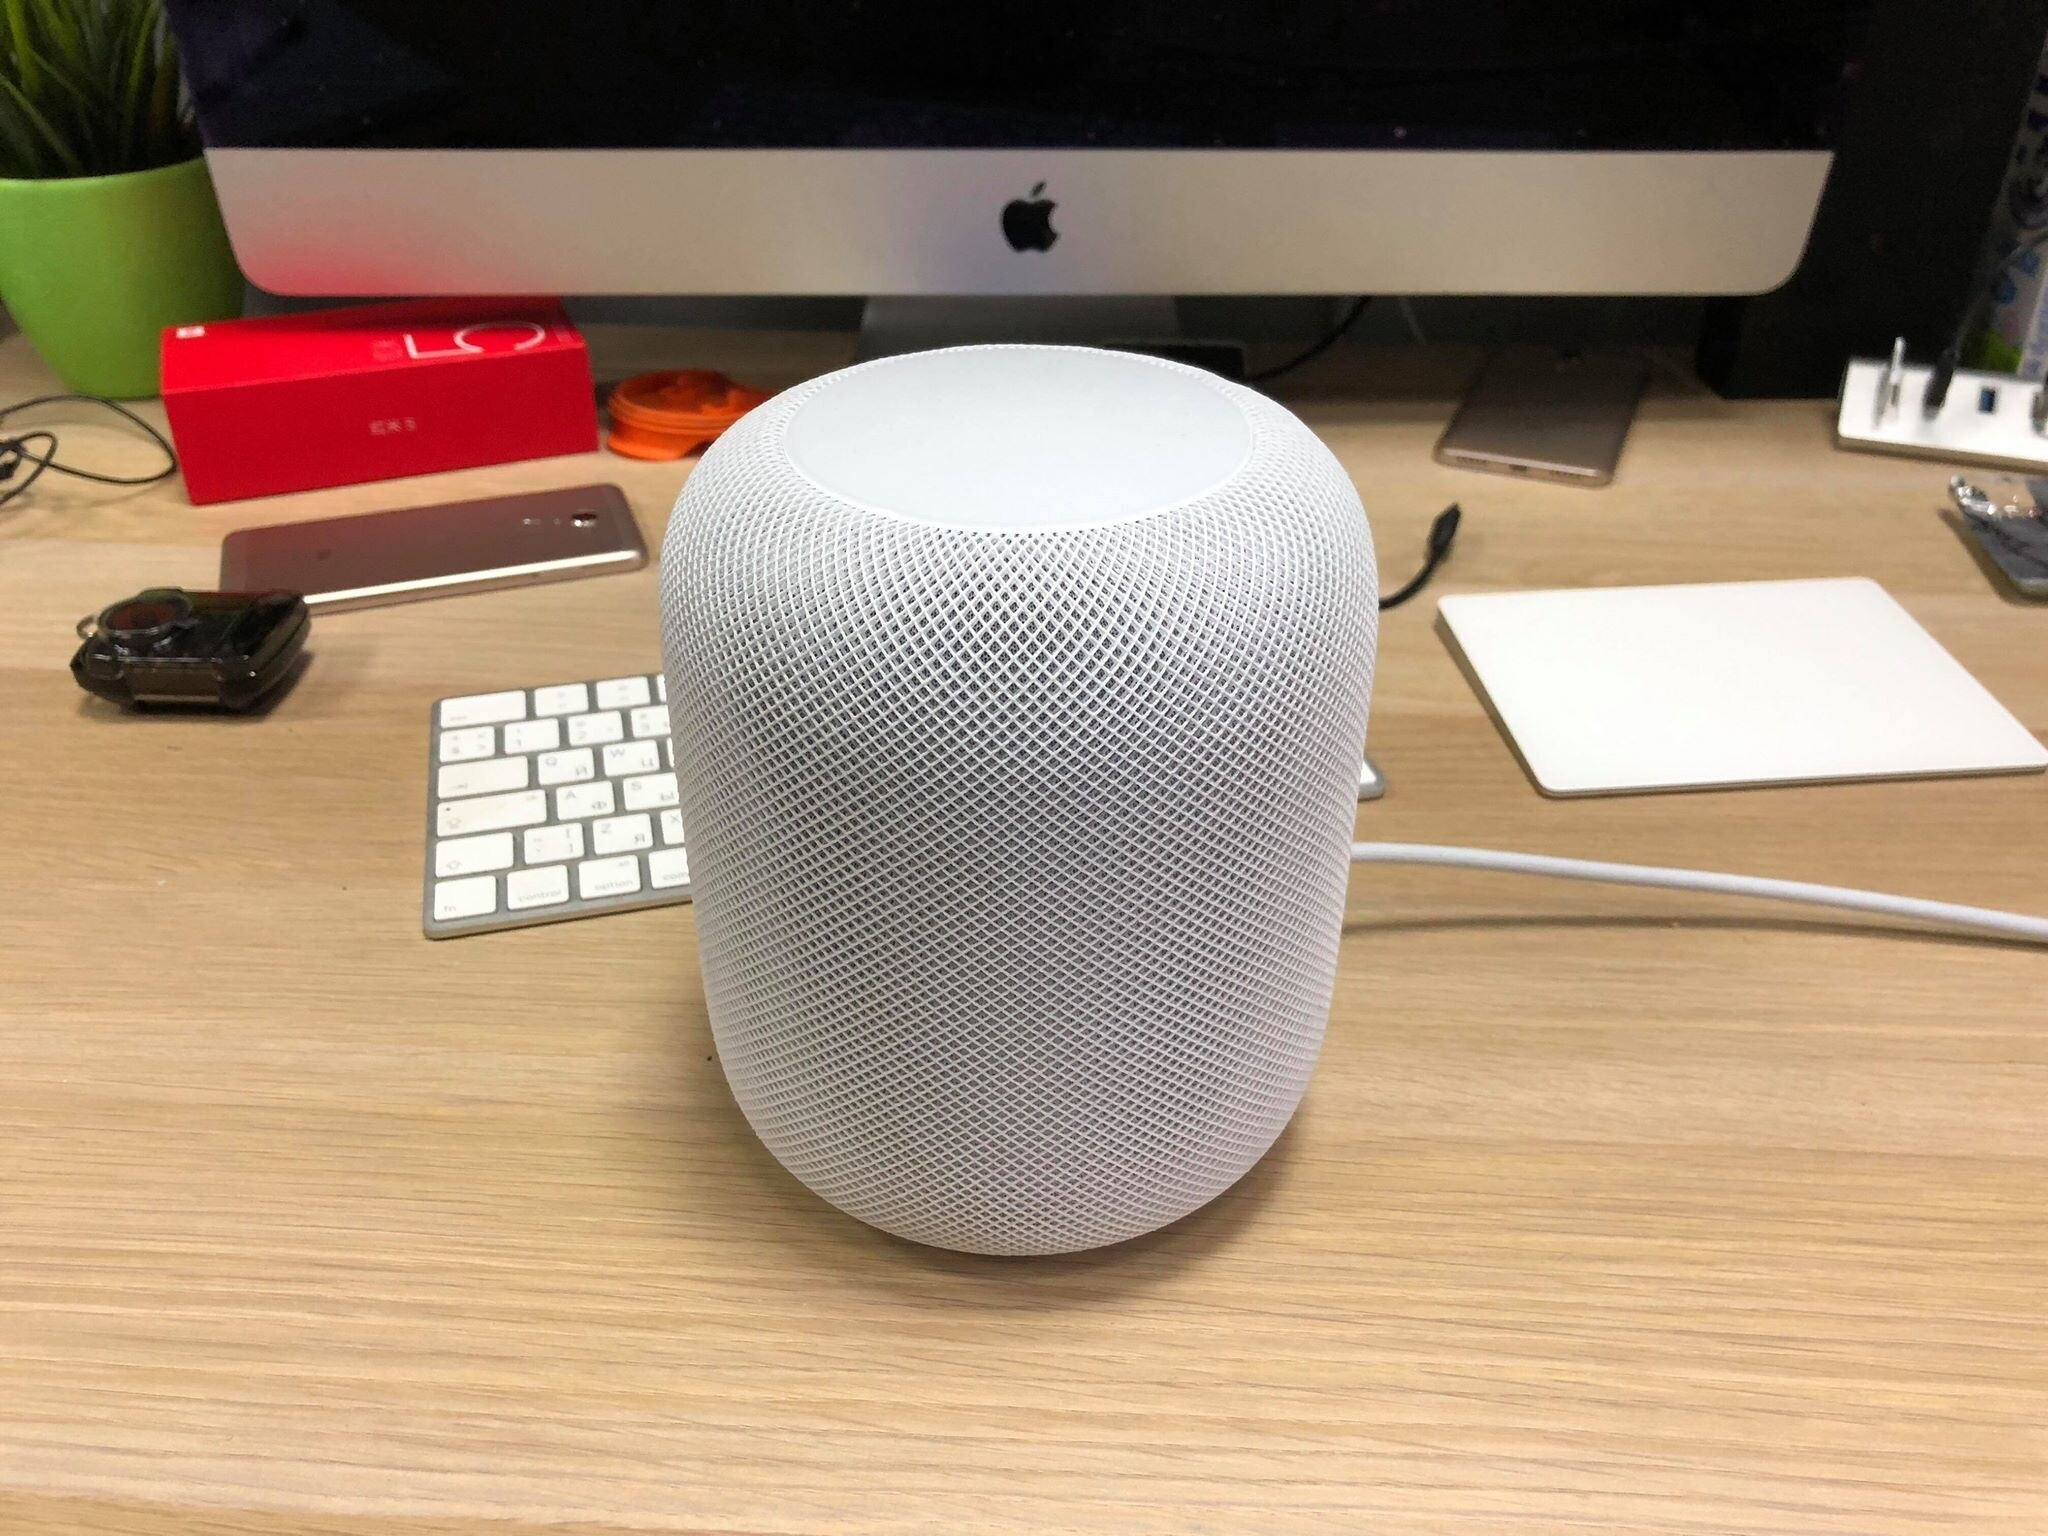 HomePod, день первый: впечатления русскоязычных пользователей «умной» колонки Apple